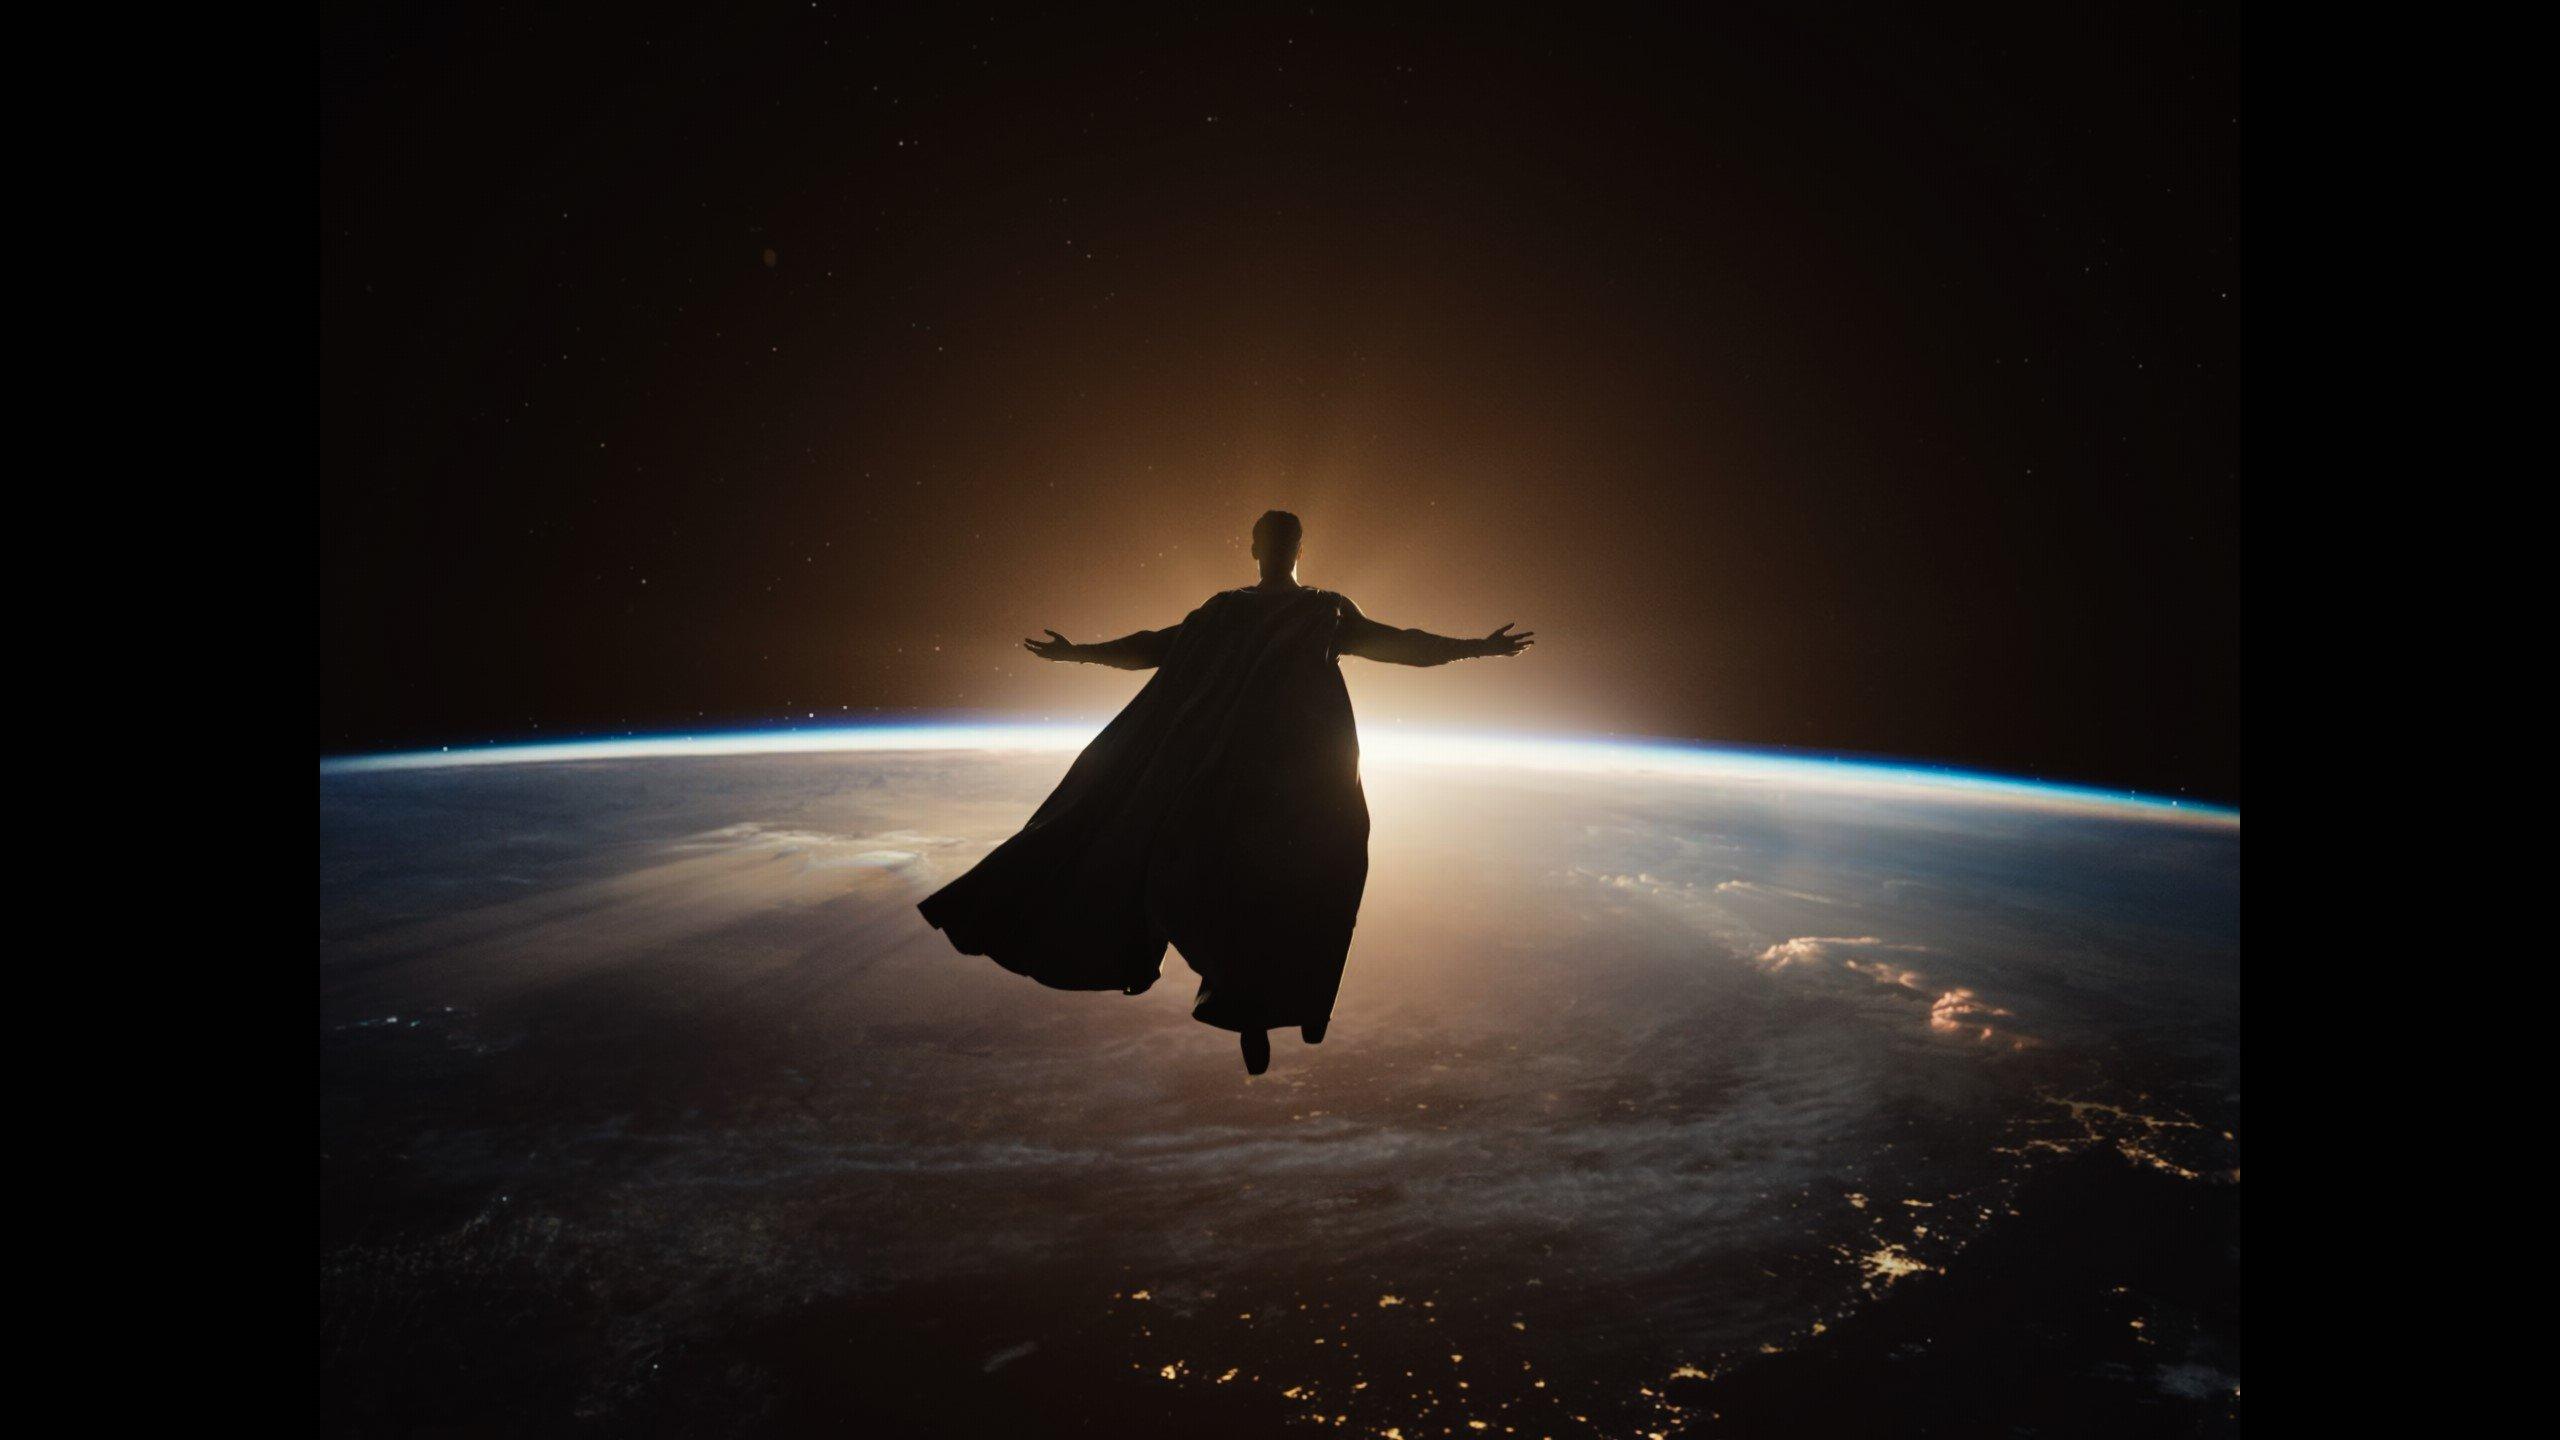 Justice.League.Snyders.Cut.2021.2160p.HMAX.WEB-DLx265.10bit.HDR.2.jpg